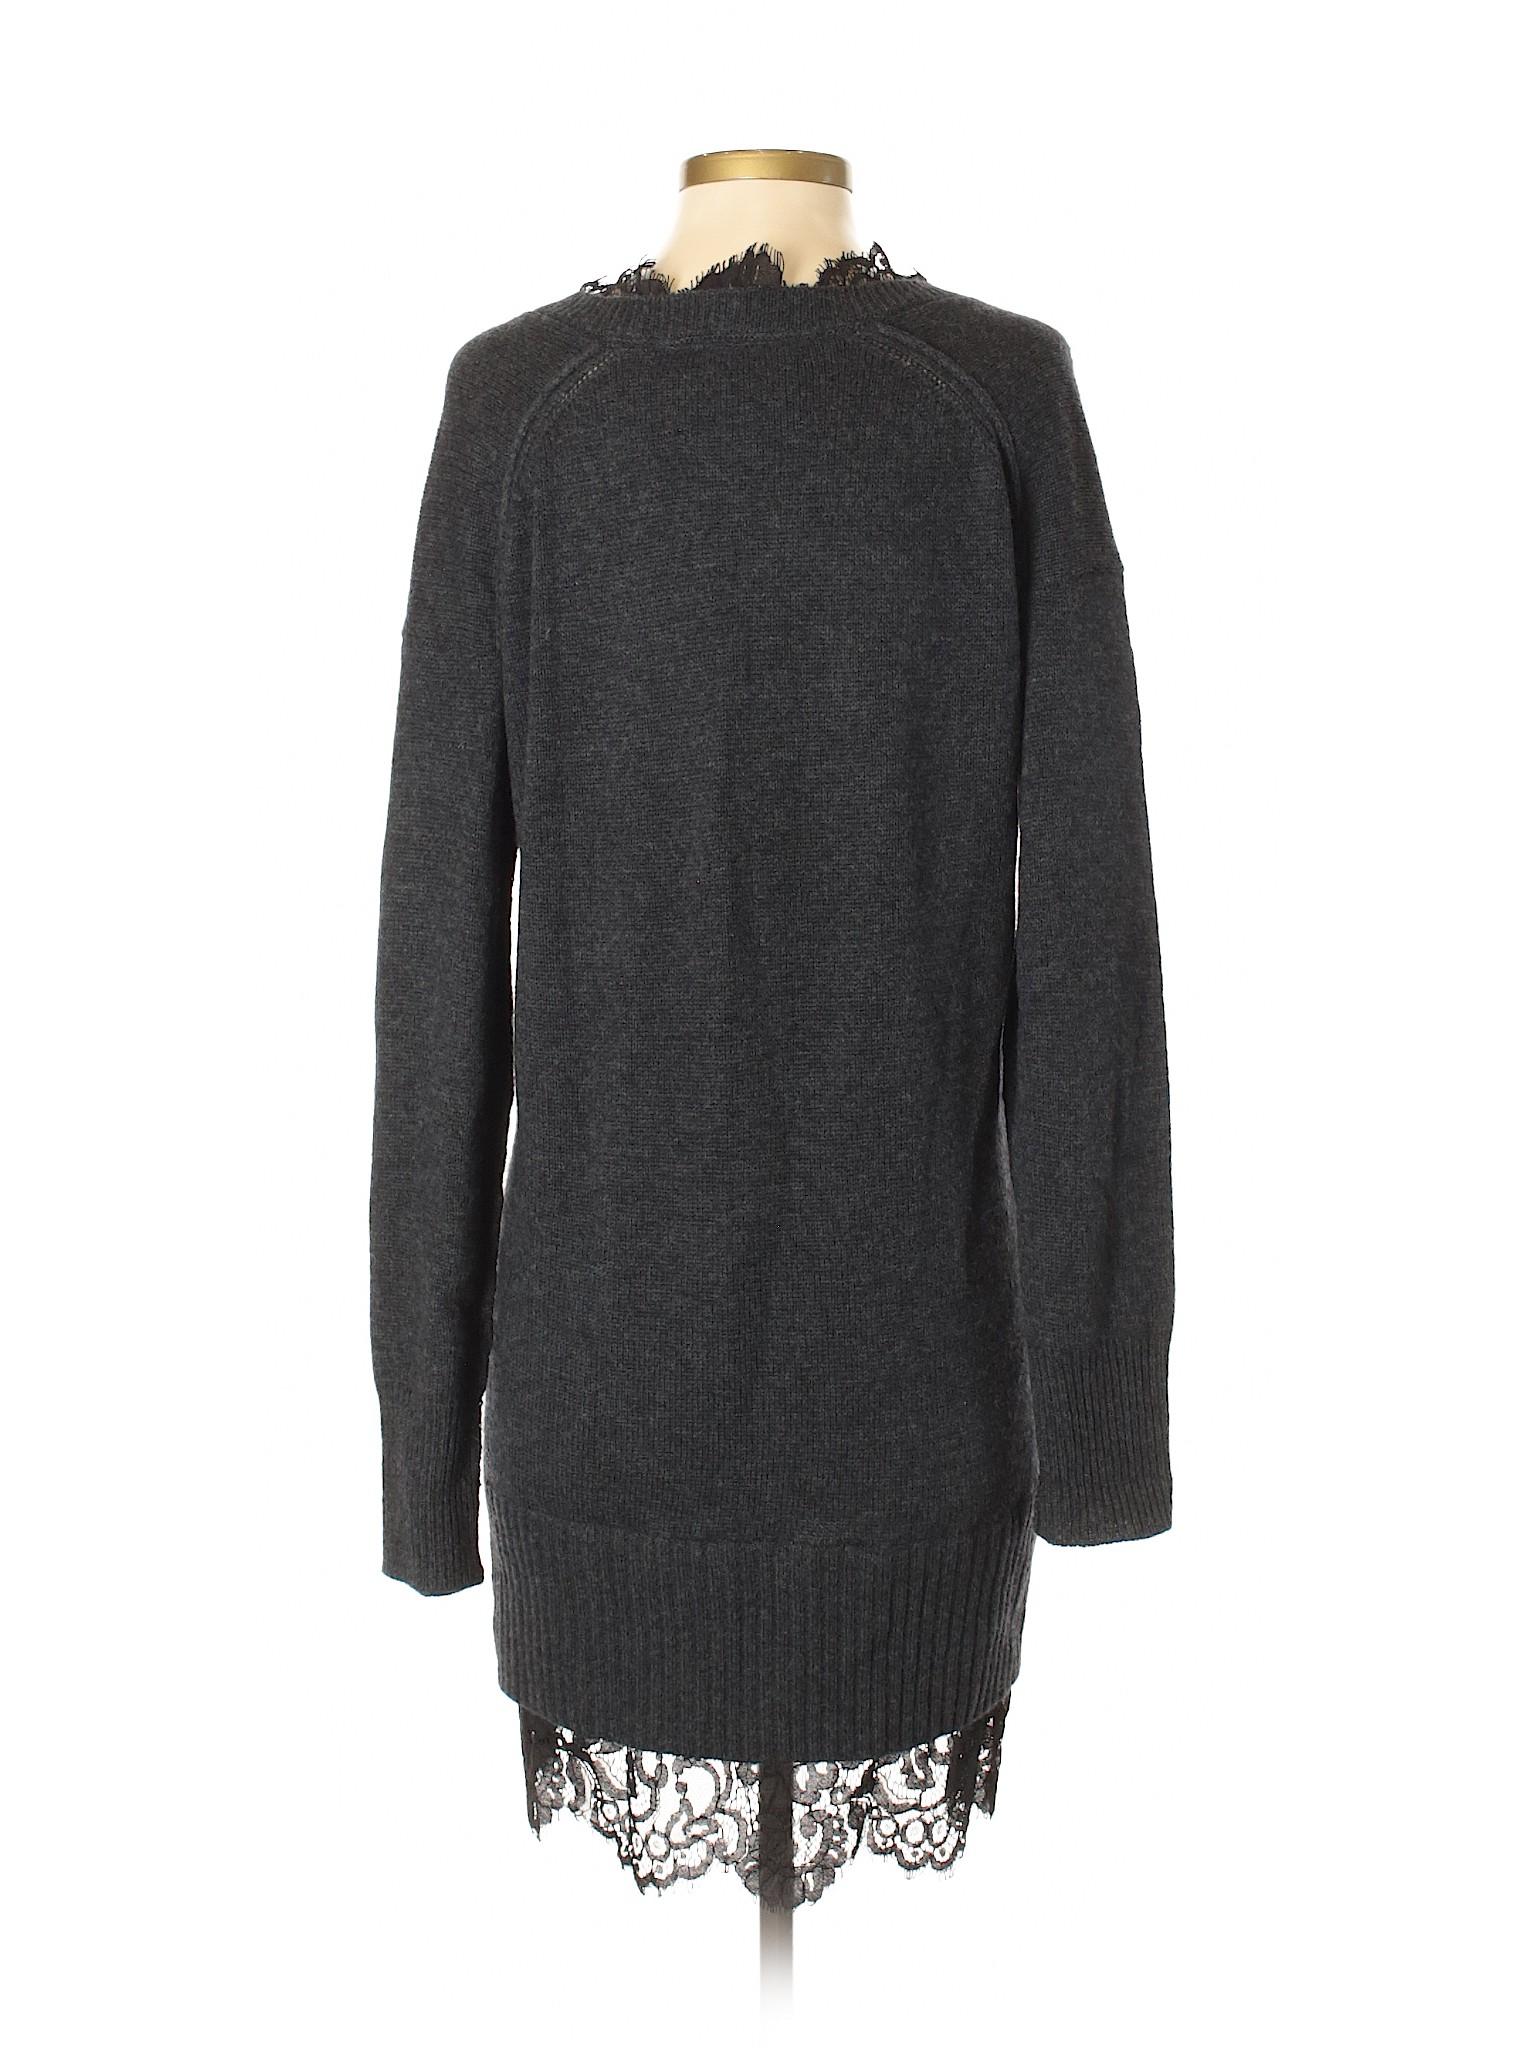 Dress Casual winter Boutique Brochu Walker 6FUZ8v